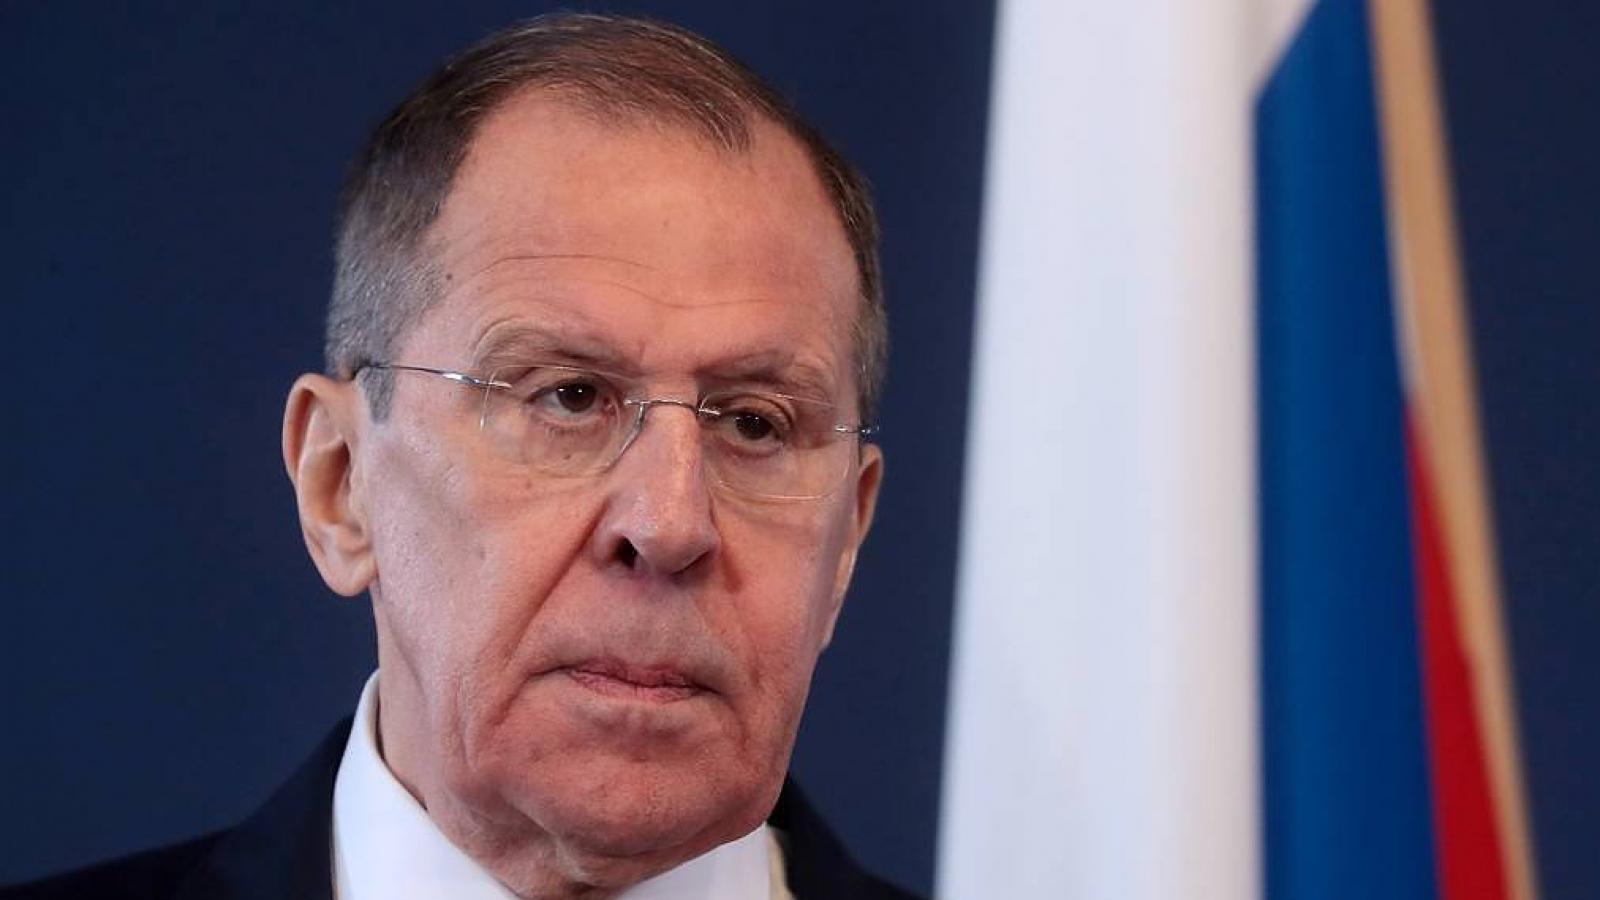 Nga nói chính Mỹ phải trả lời câu hỏi về hoạt động quanh Ukraine